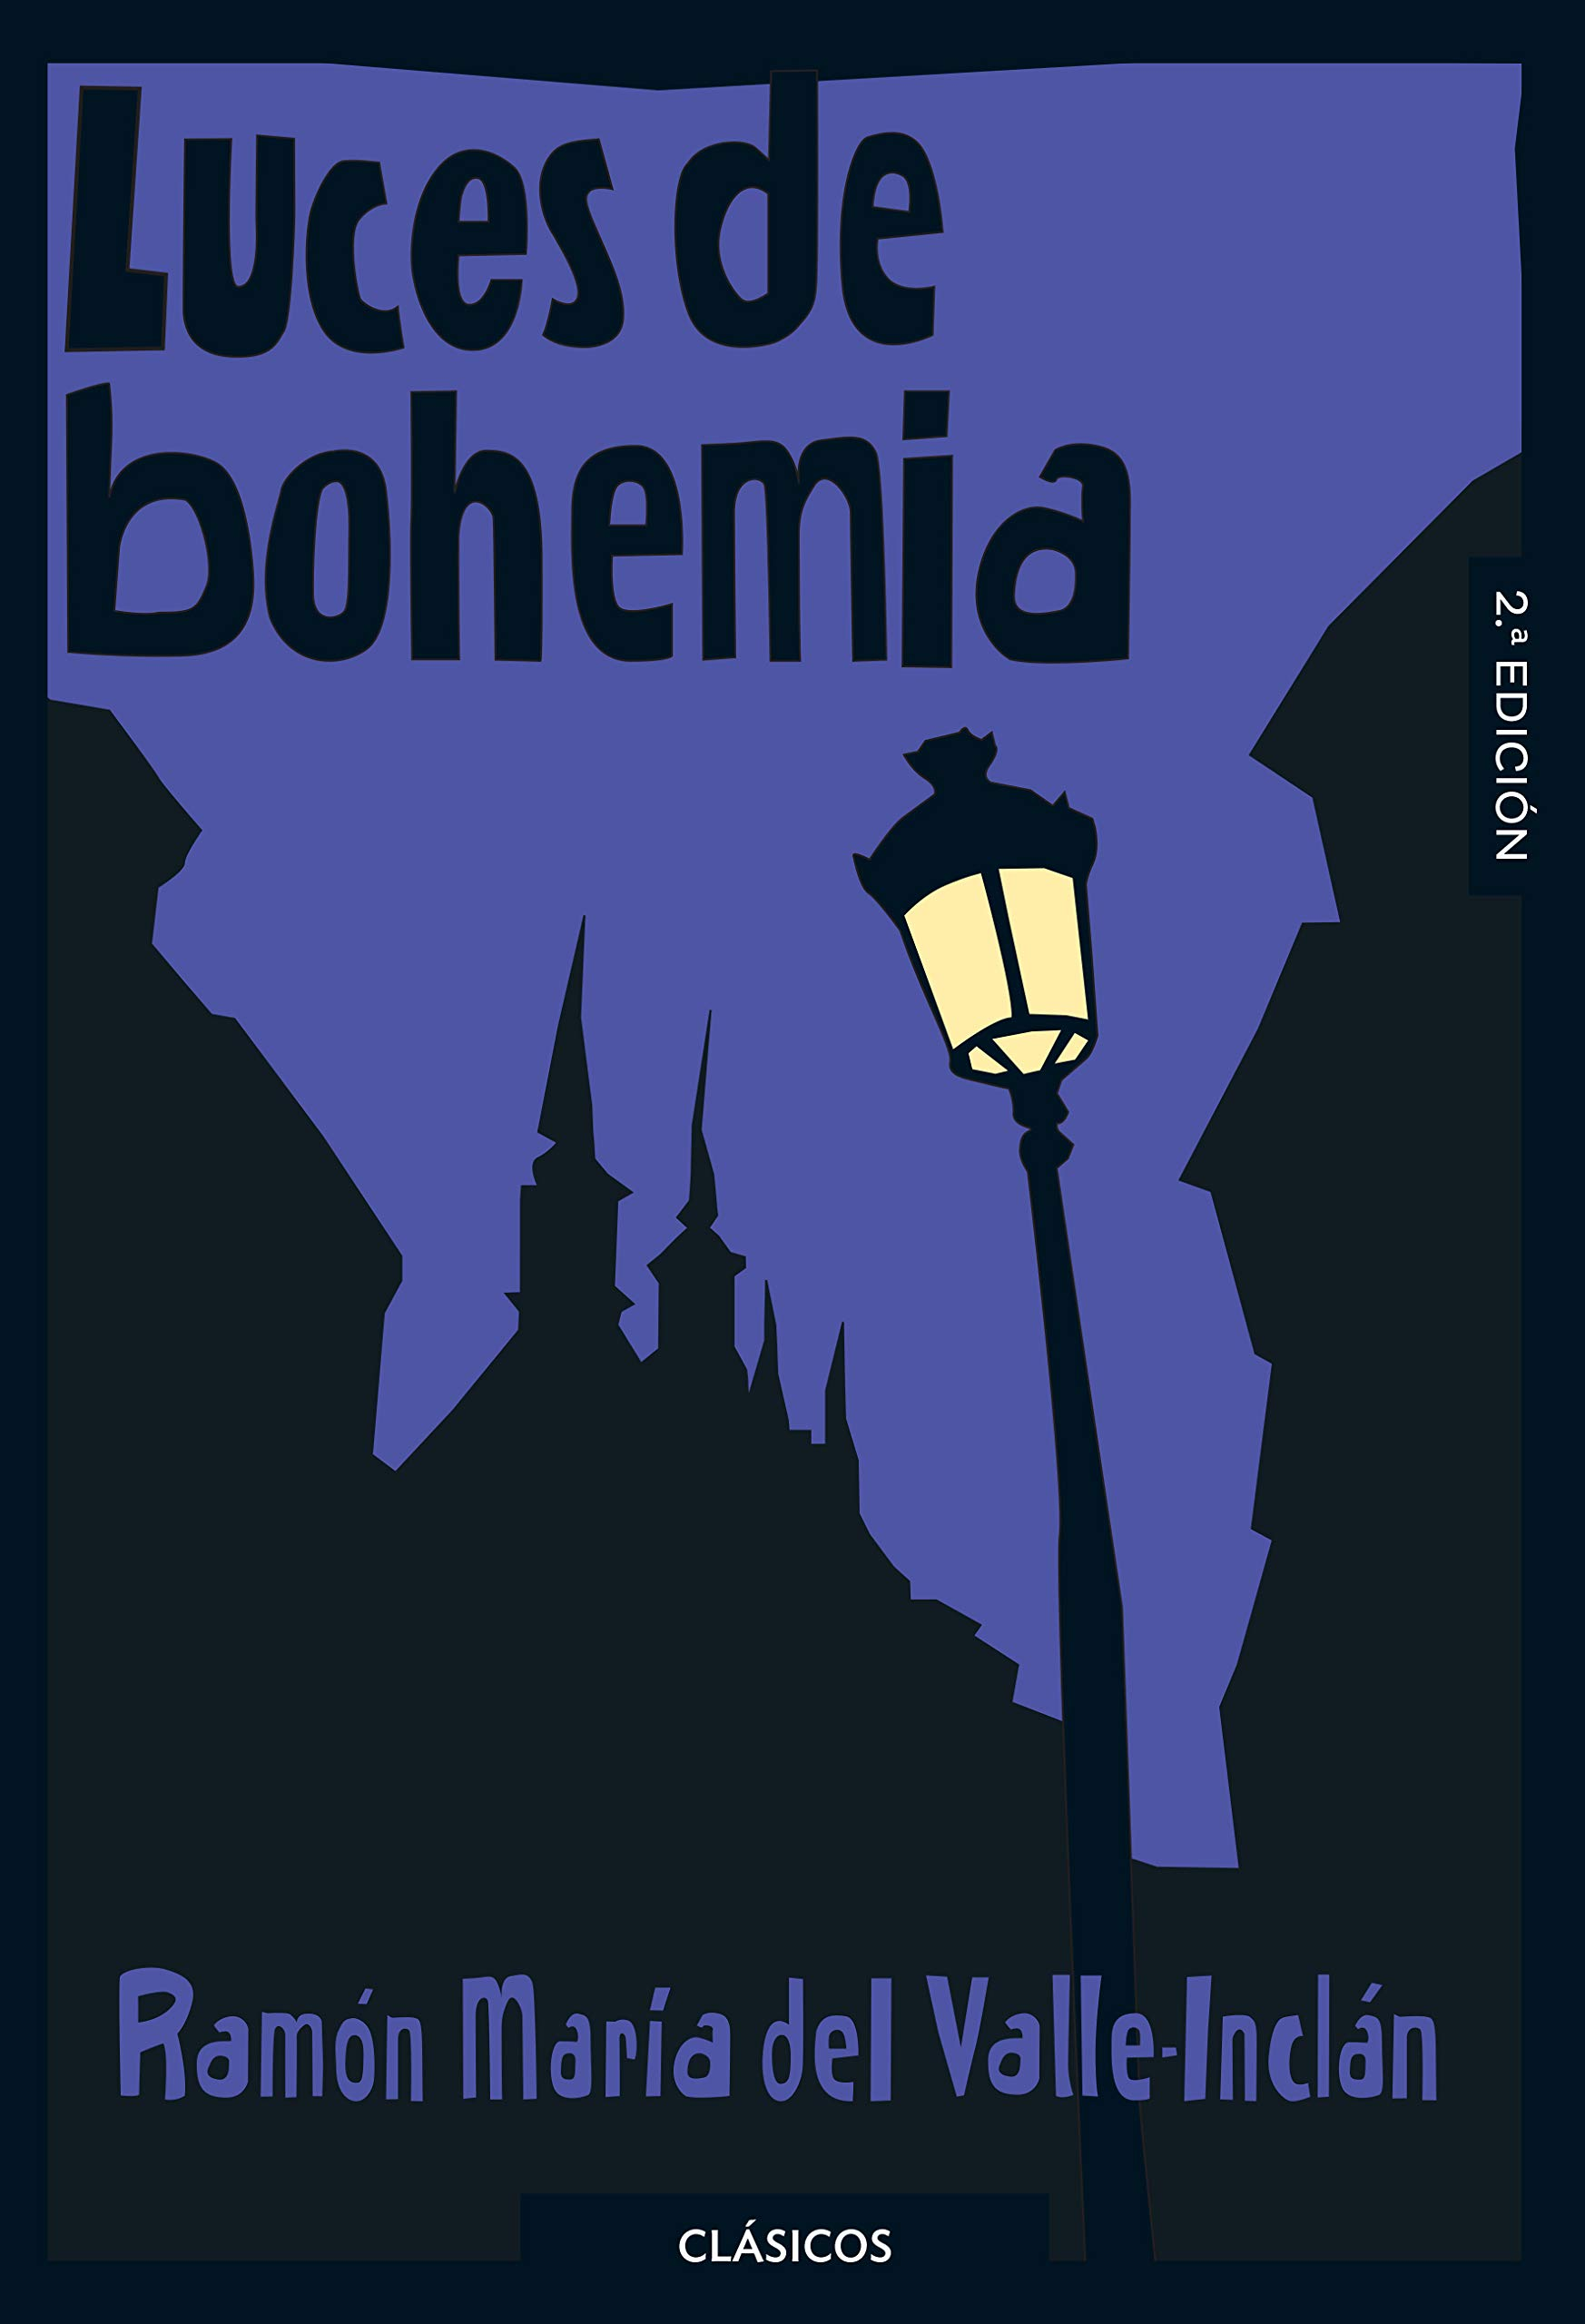 Luces de bohemia (Clásicos Loqueleo): Amazon.es: del Valle-Inclán, Ramón María: Libros